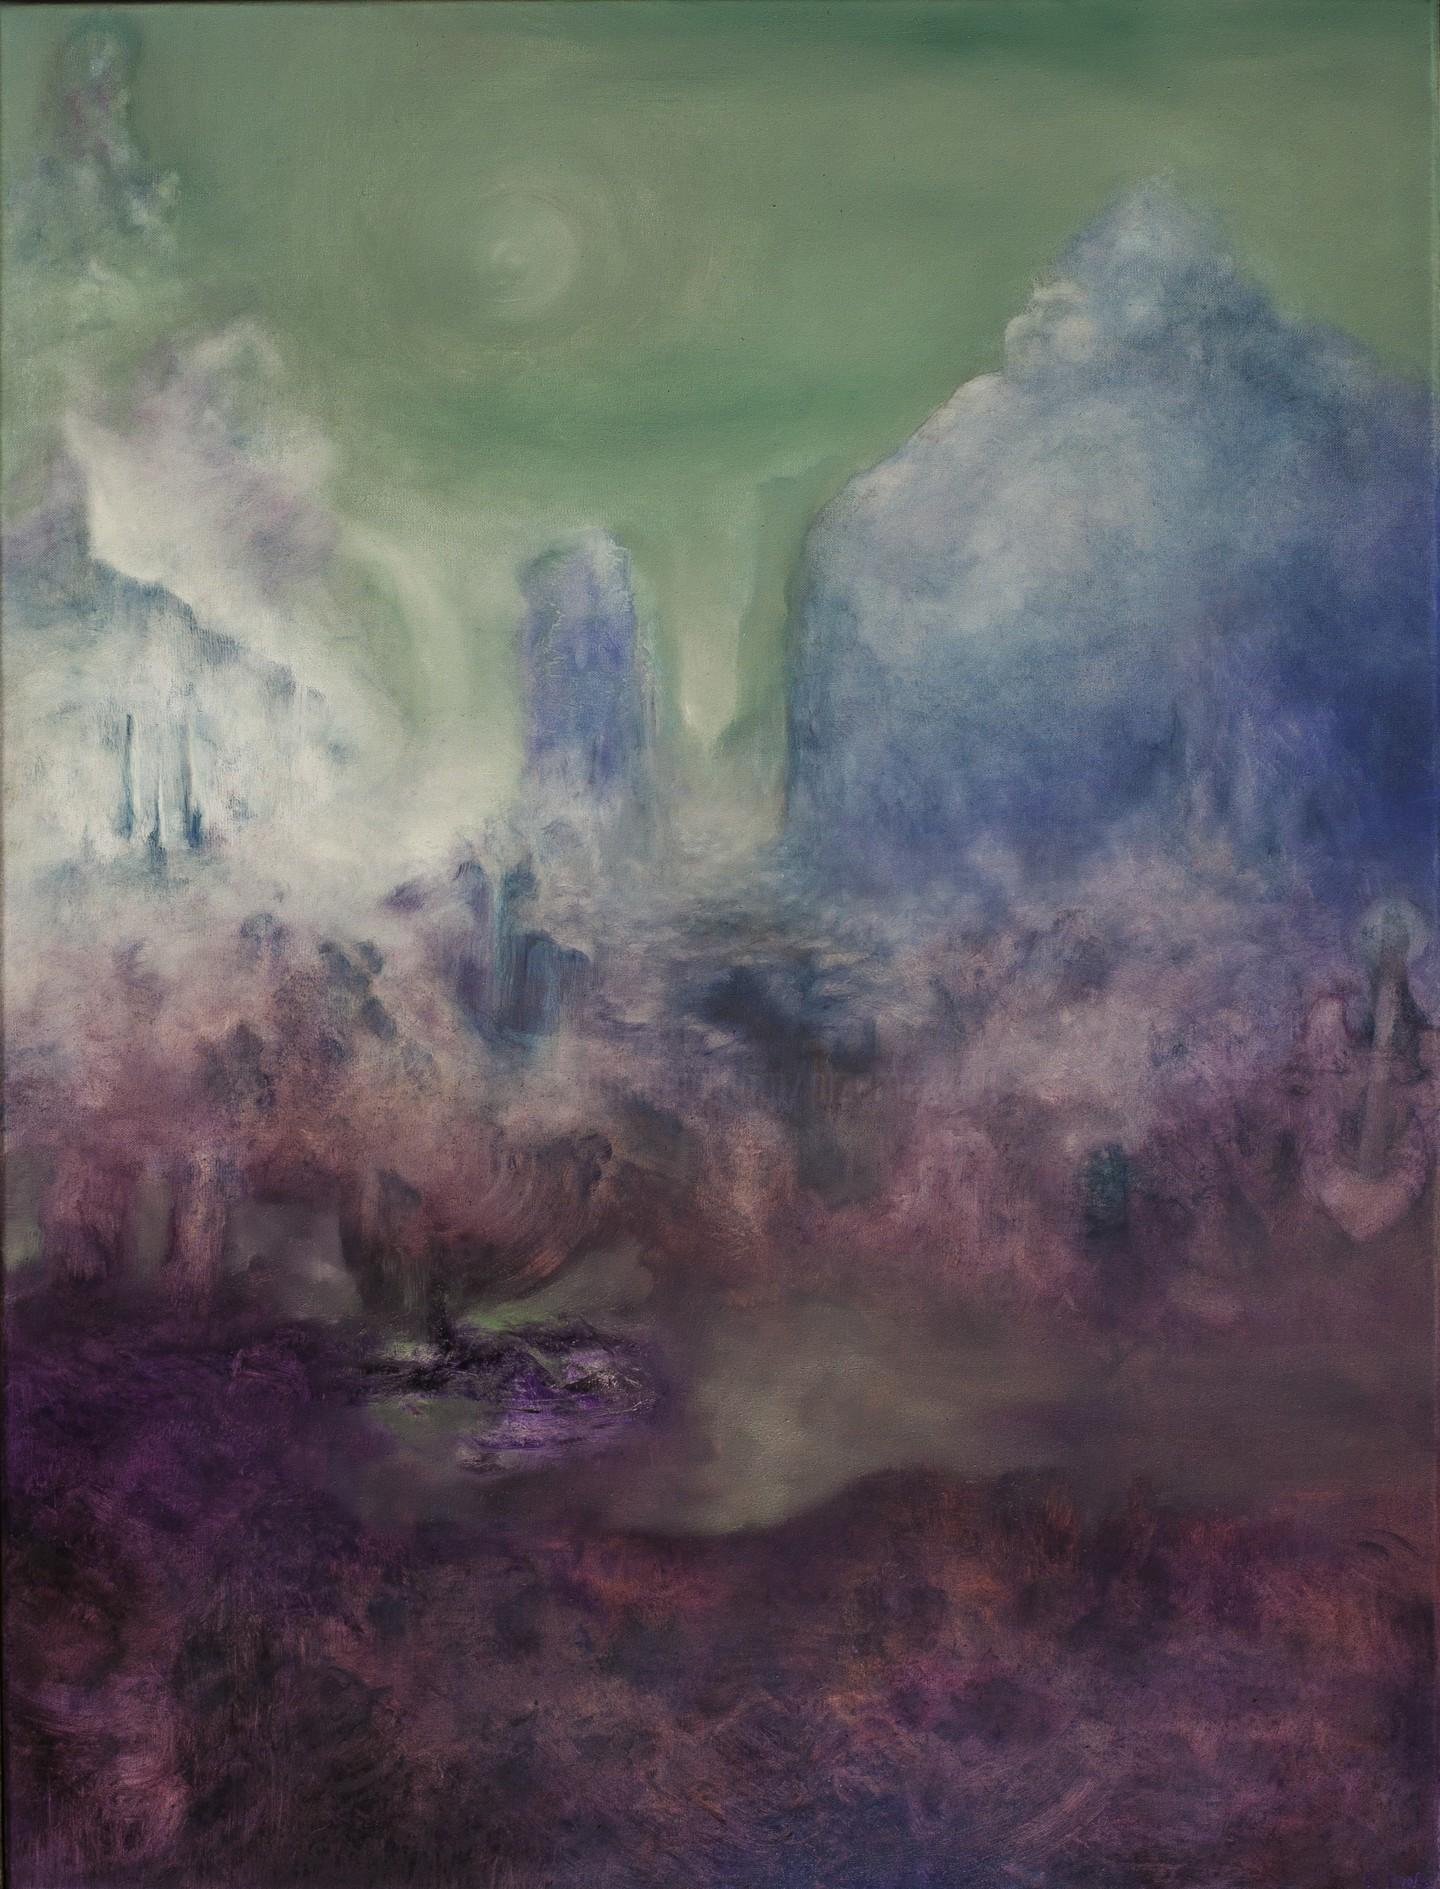 Przemek Kret - New Horizon